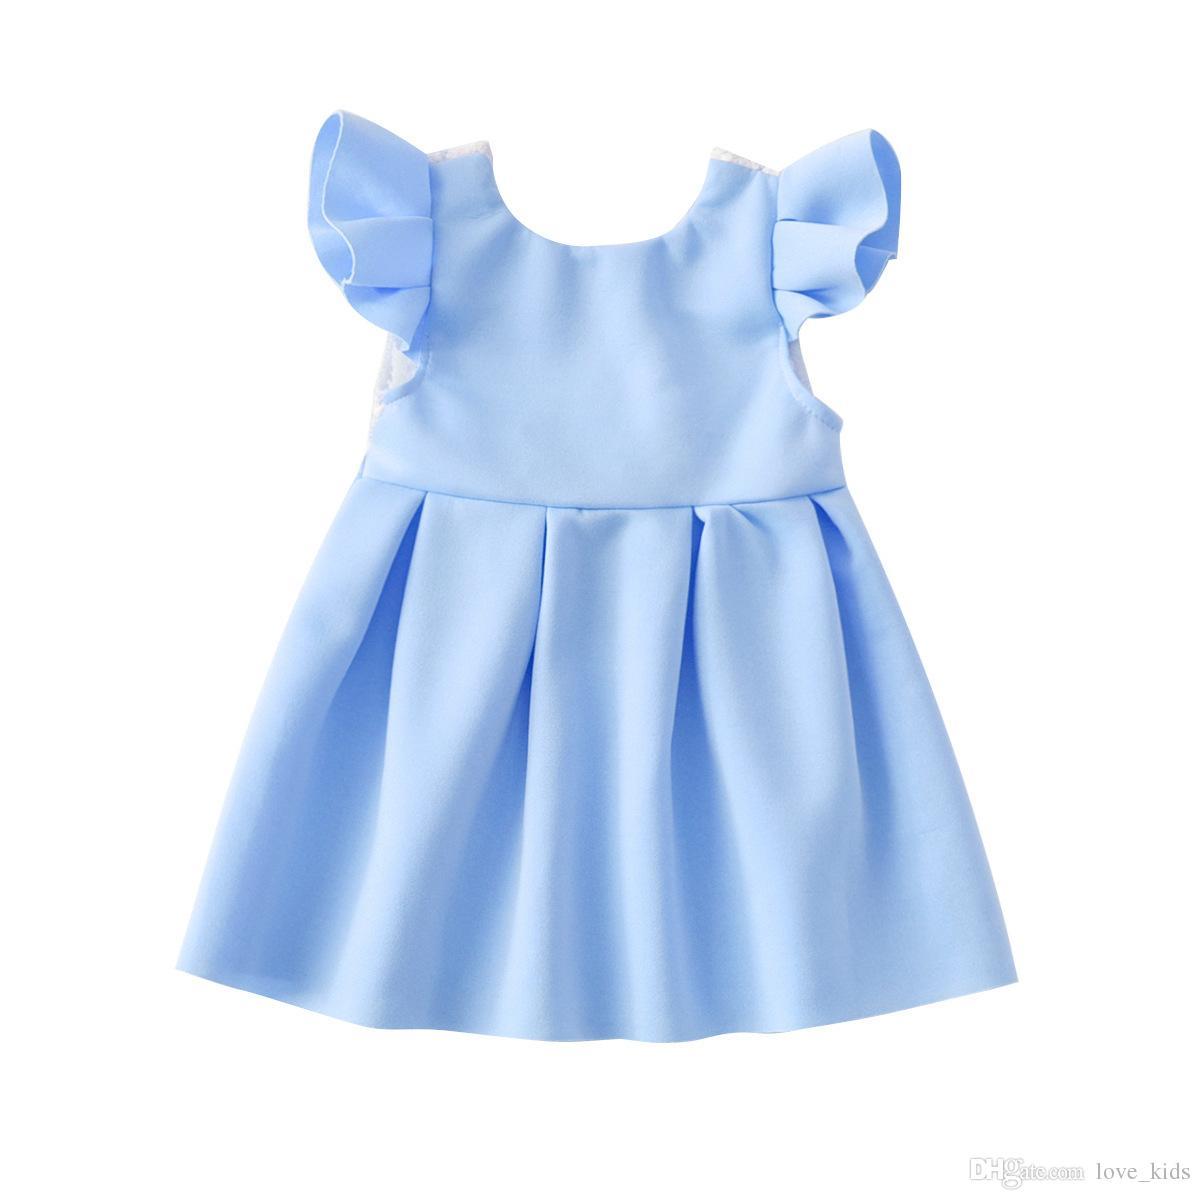 Bebé encaje mariposa sin espalda princesa falda con gran arco fiesta de los niños vestido de fiesta infantil niño bebé niña vestido de verano ropa de color azul rosa